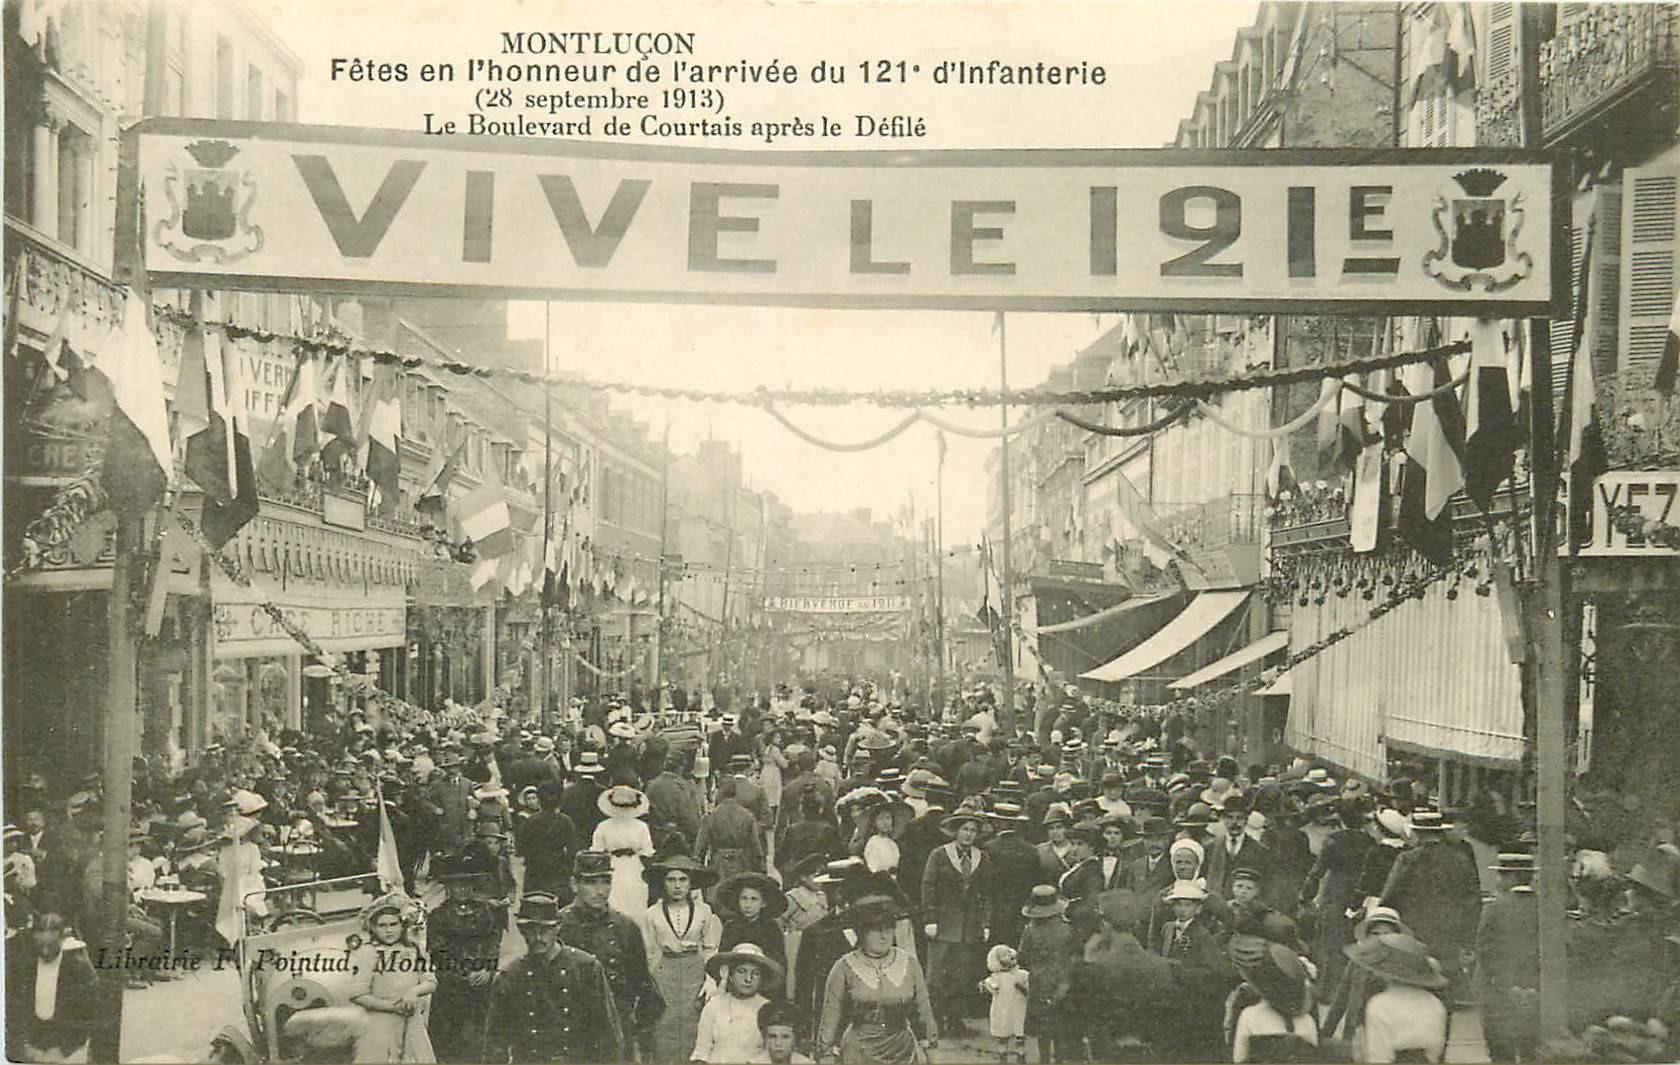 WWW 03 MONTLUCON. Fêtes honneur du 121° Régiment infanterie Boulevard de Courtais 1913